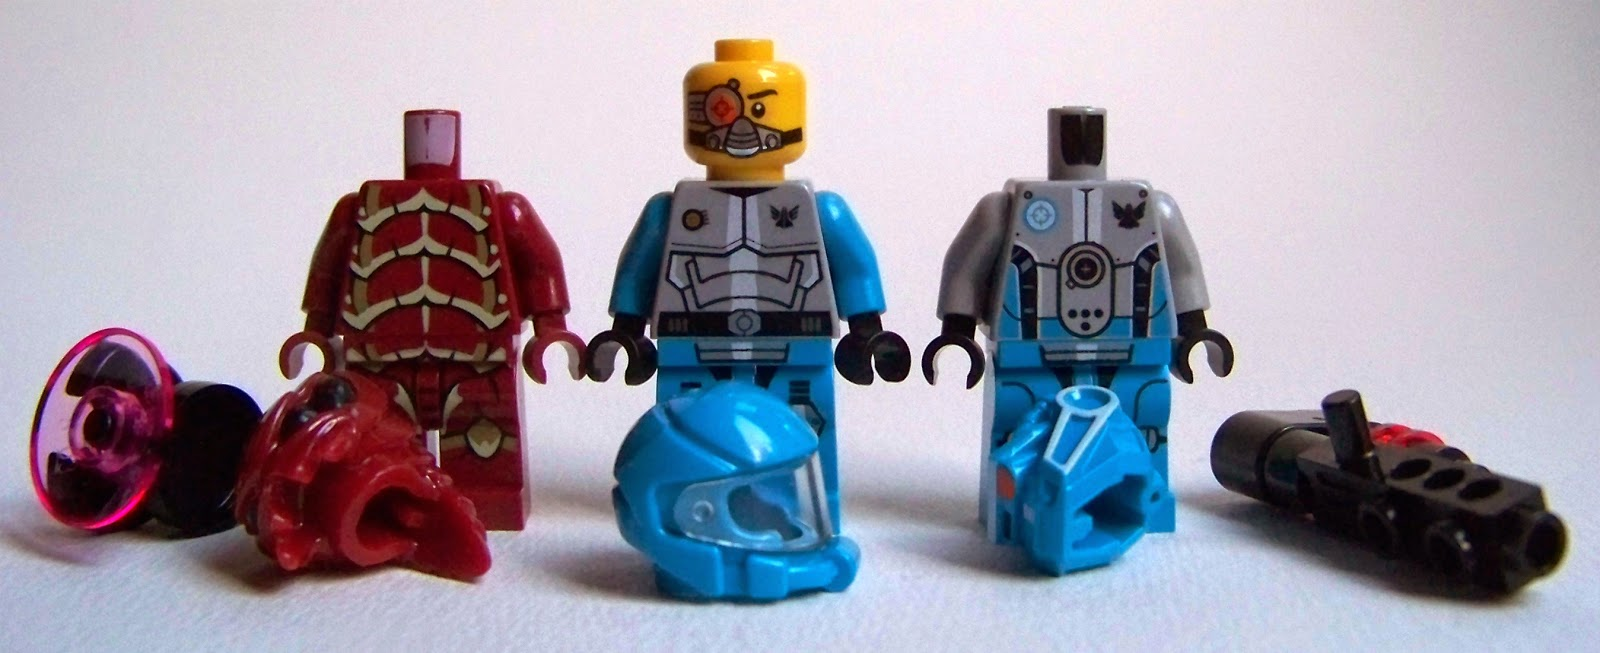 LEGO Galaxy Squad buggoid